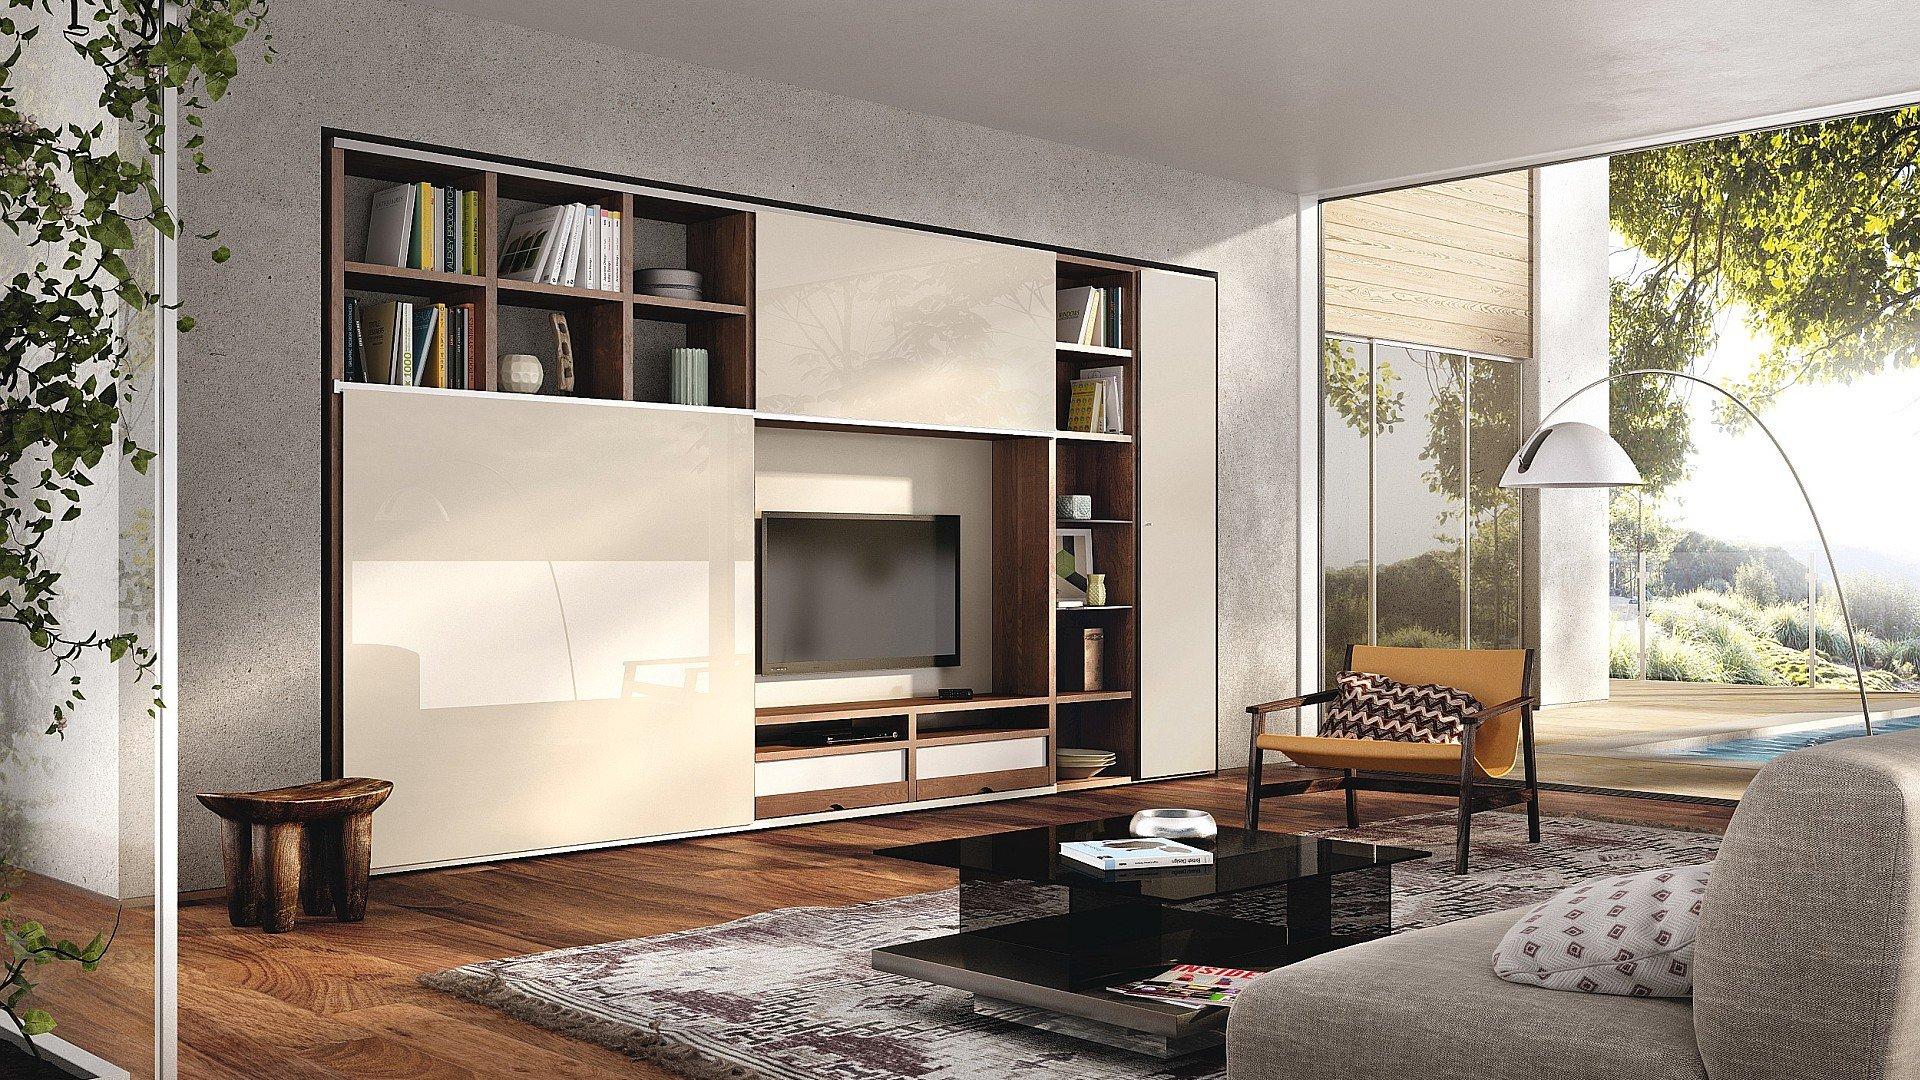 mega design home style. Black Bedroom Furniture Sets. Home Design Ideas